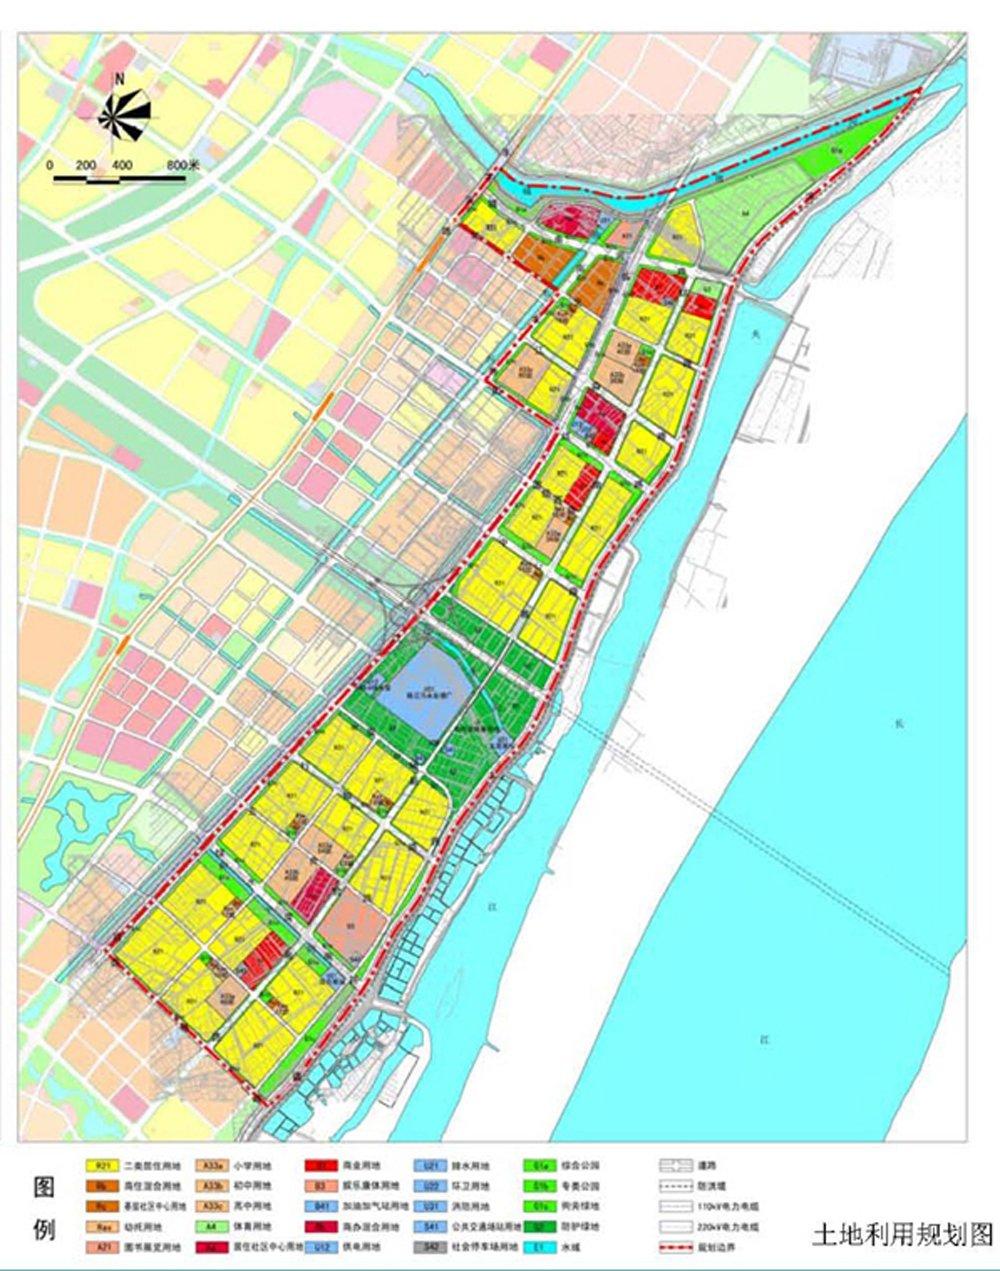 南京市浦口新城部分区域规划公示